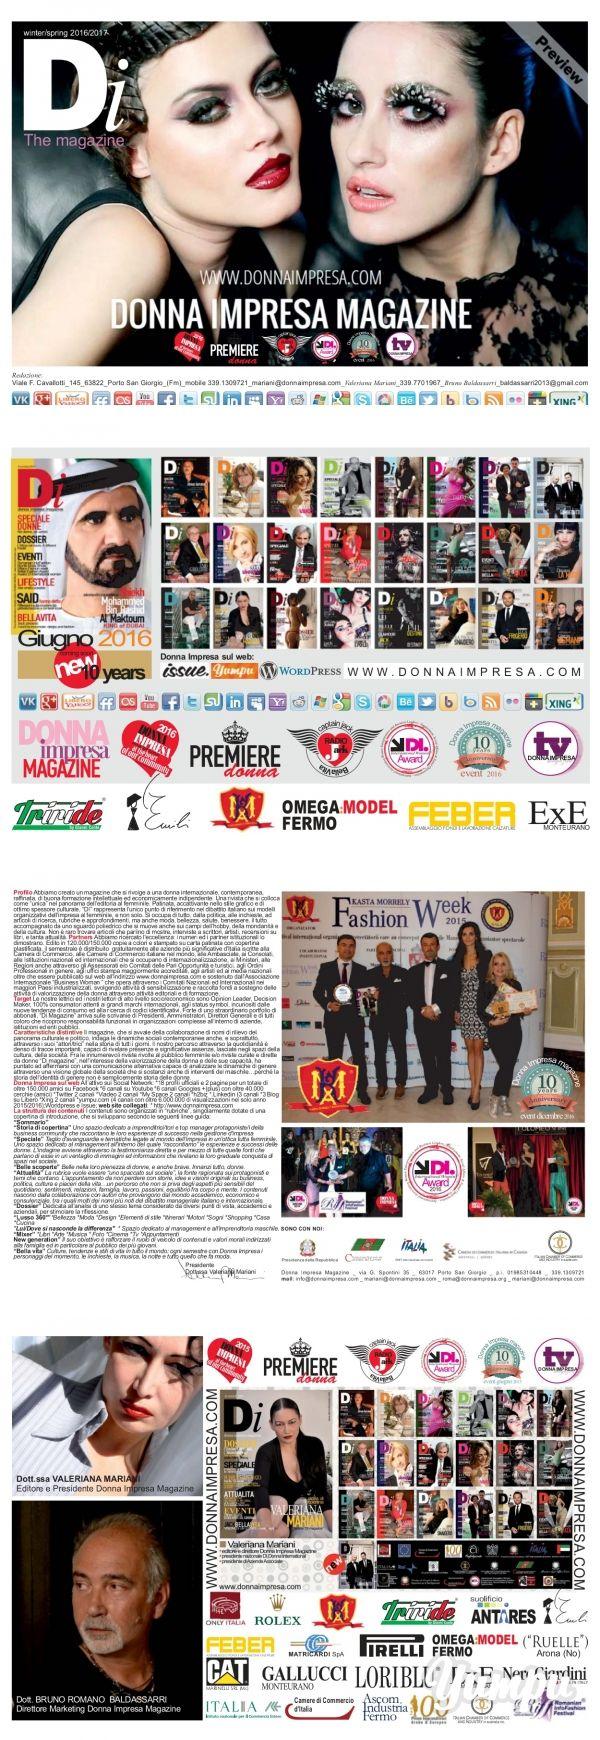 DONNA IMPRESA MAGAZINE 2016 - 2017. - Magazine with 18 pages: Profilo Abbiamo creato un magazine che si rivolge a una donna internazionale, contemporanea, raffinata, di buona formazione intellettuale ed economicamente indipendente.